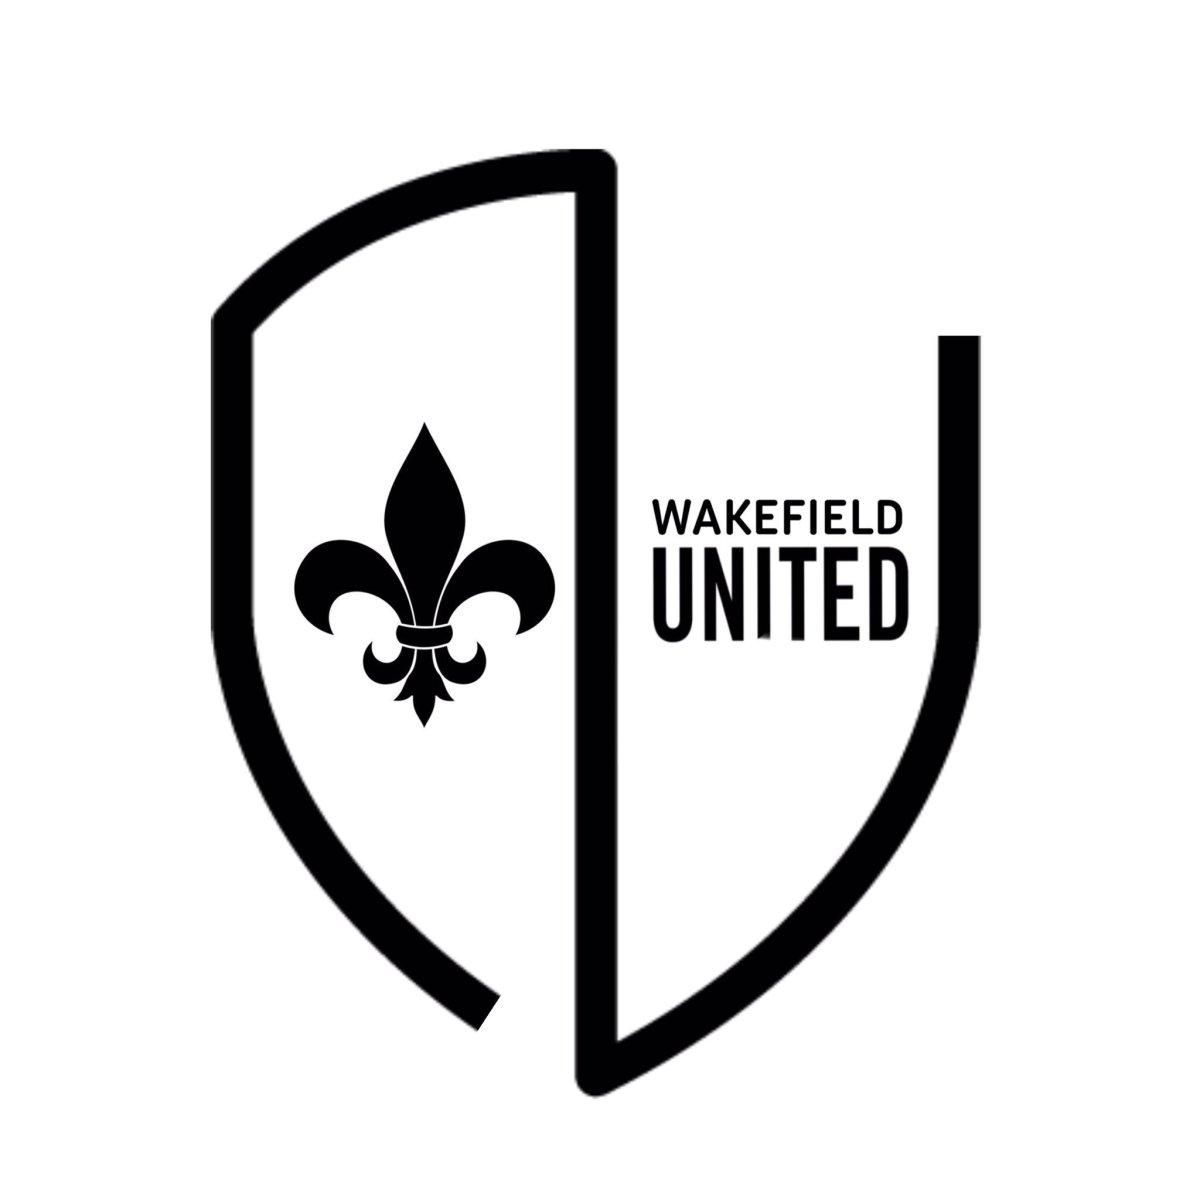 Getting to know: WakefieldUnited